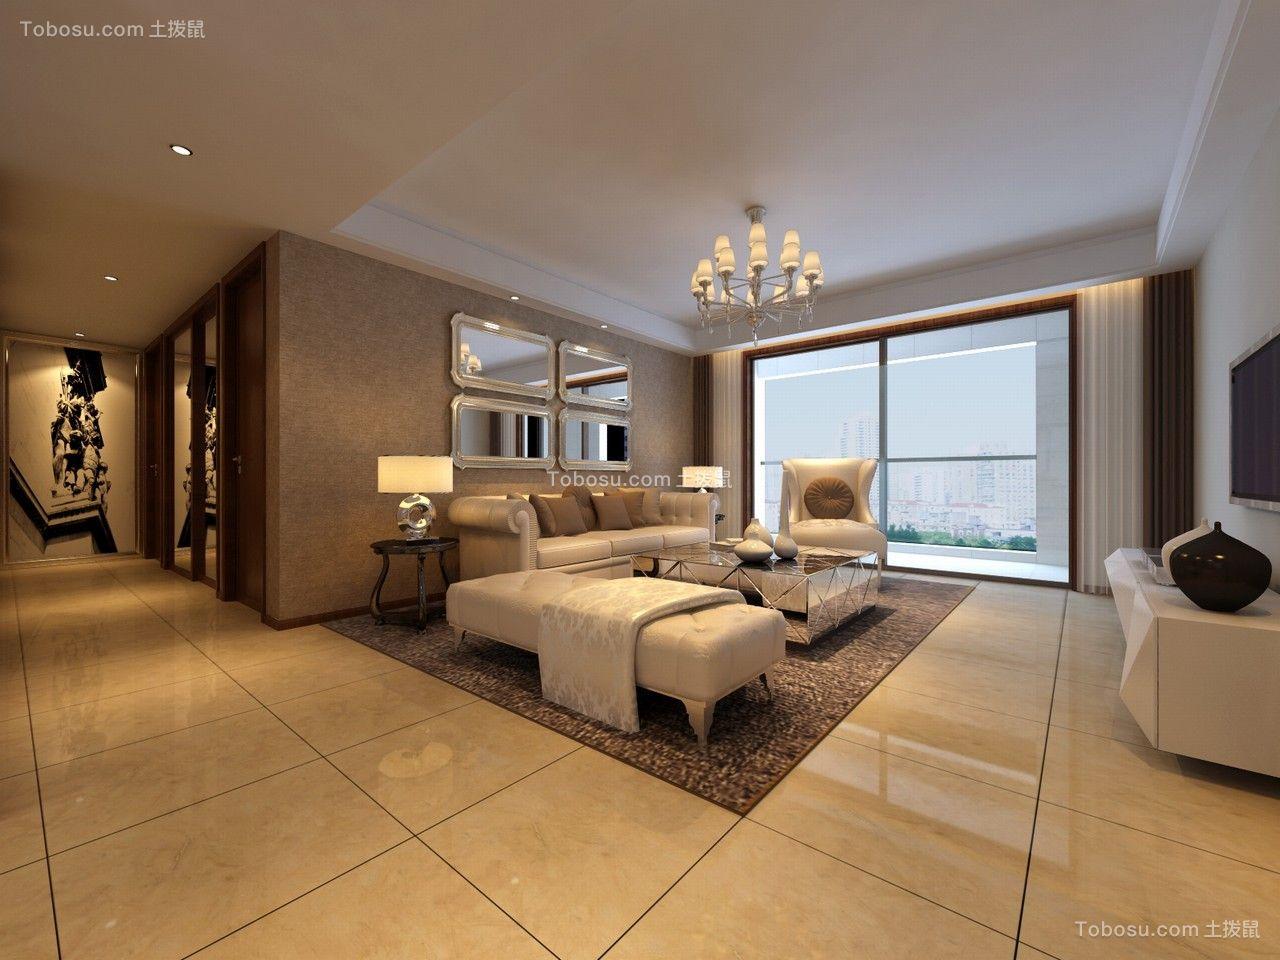 108平米简约风格三室一厅装修效果图